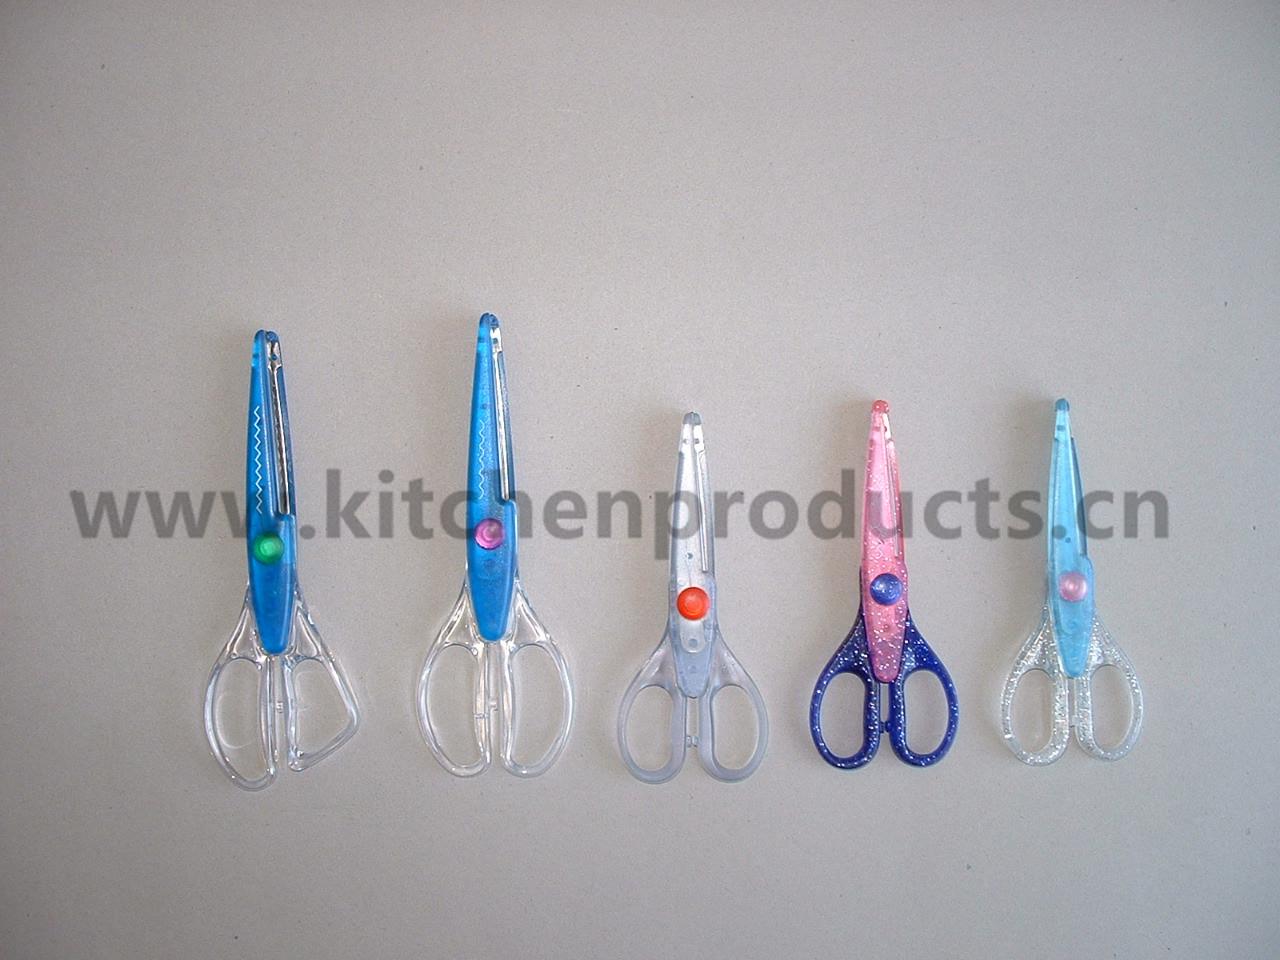 Plastic scissor